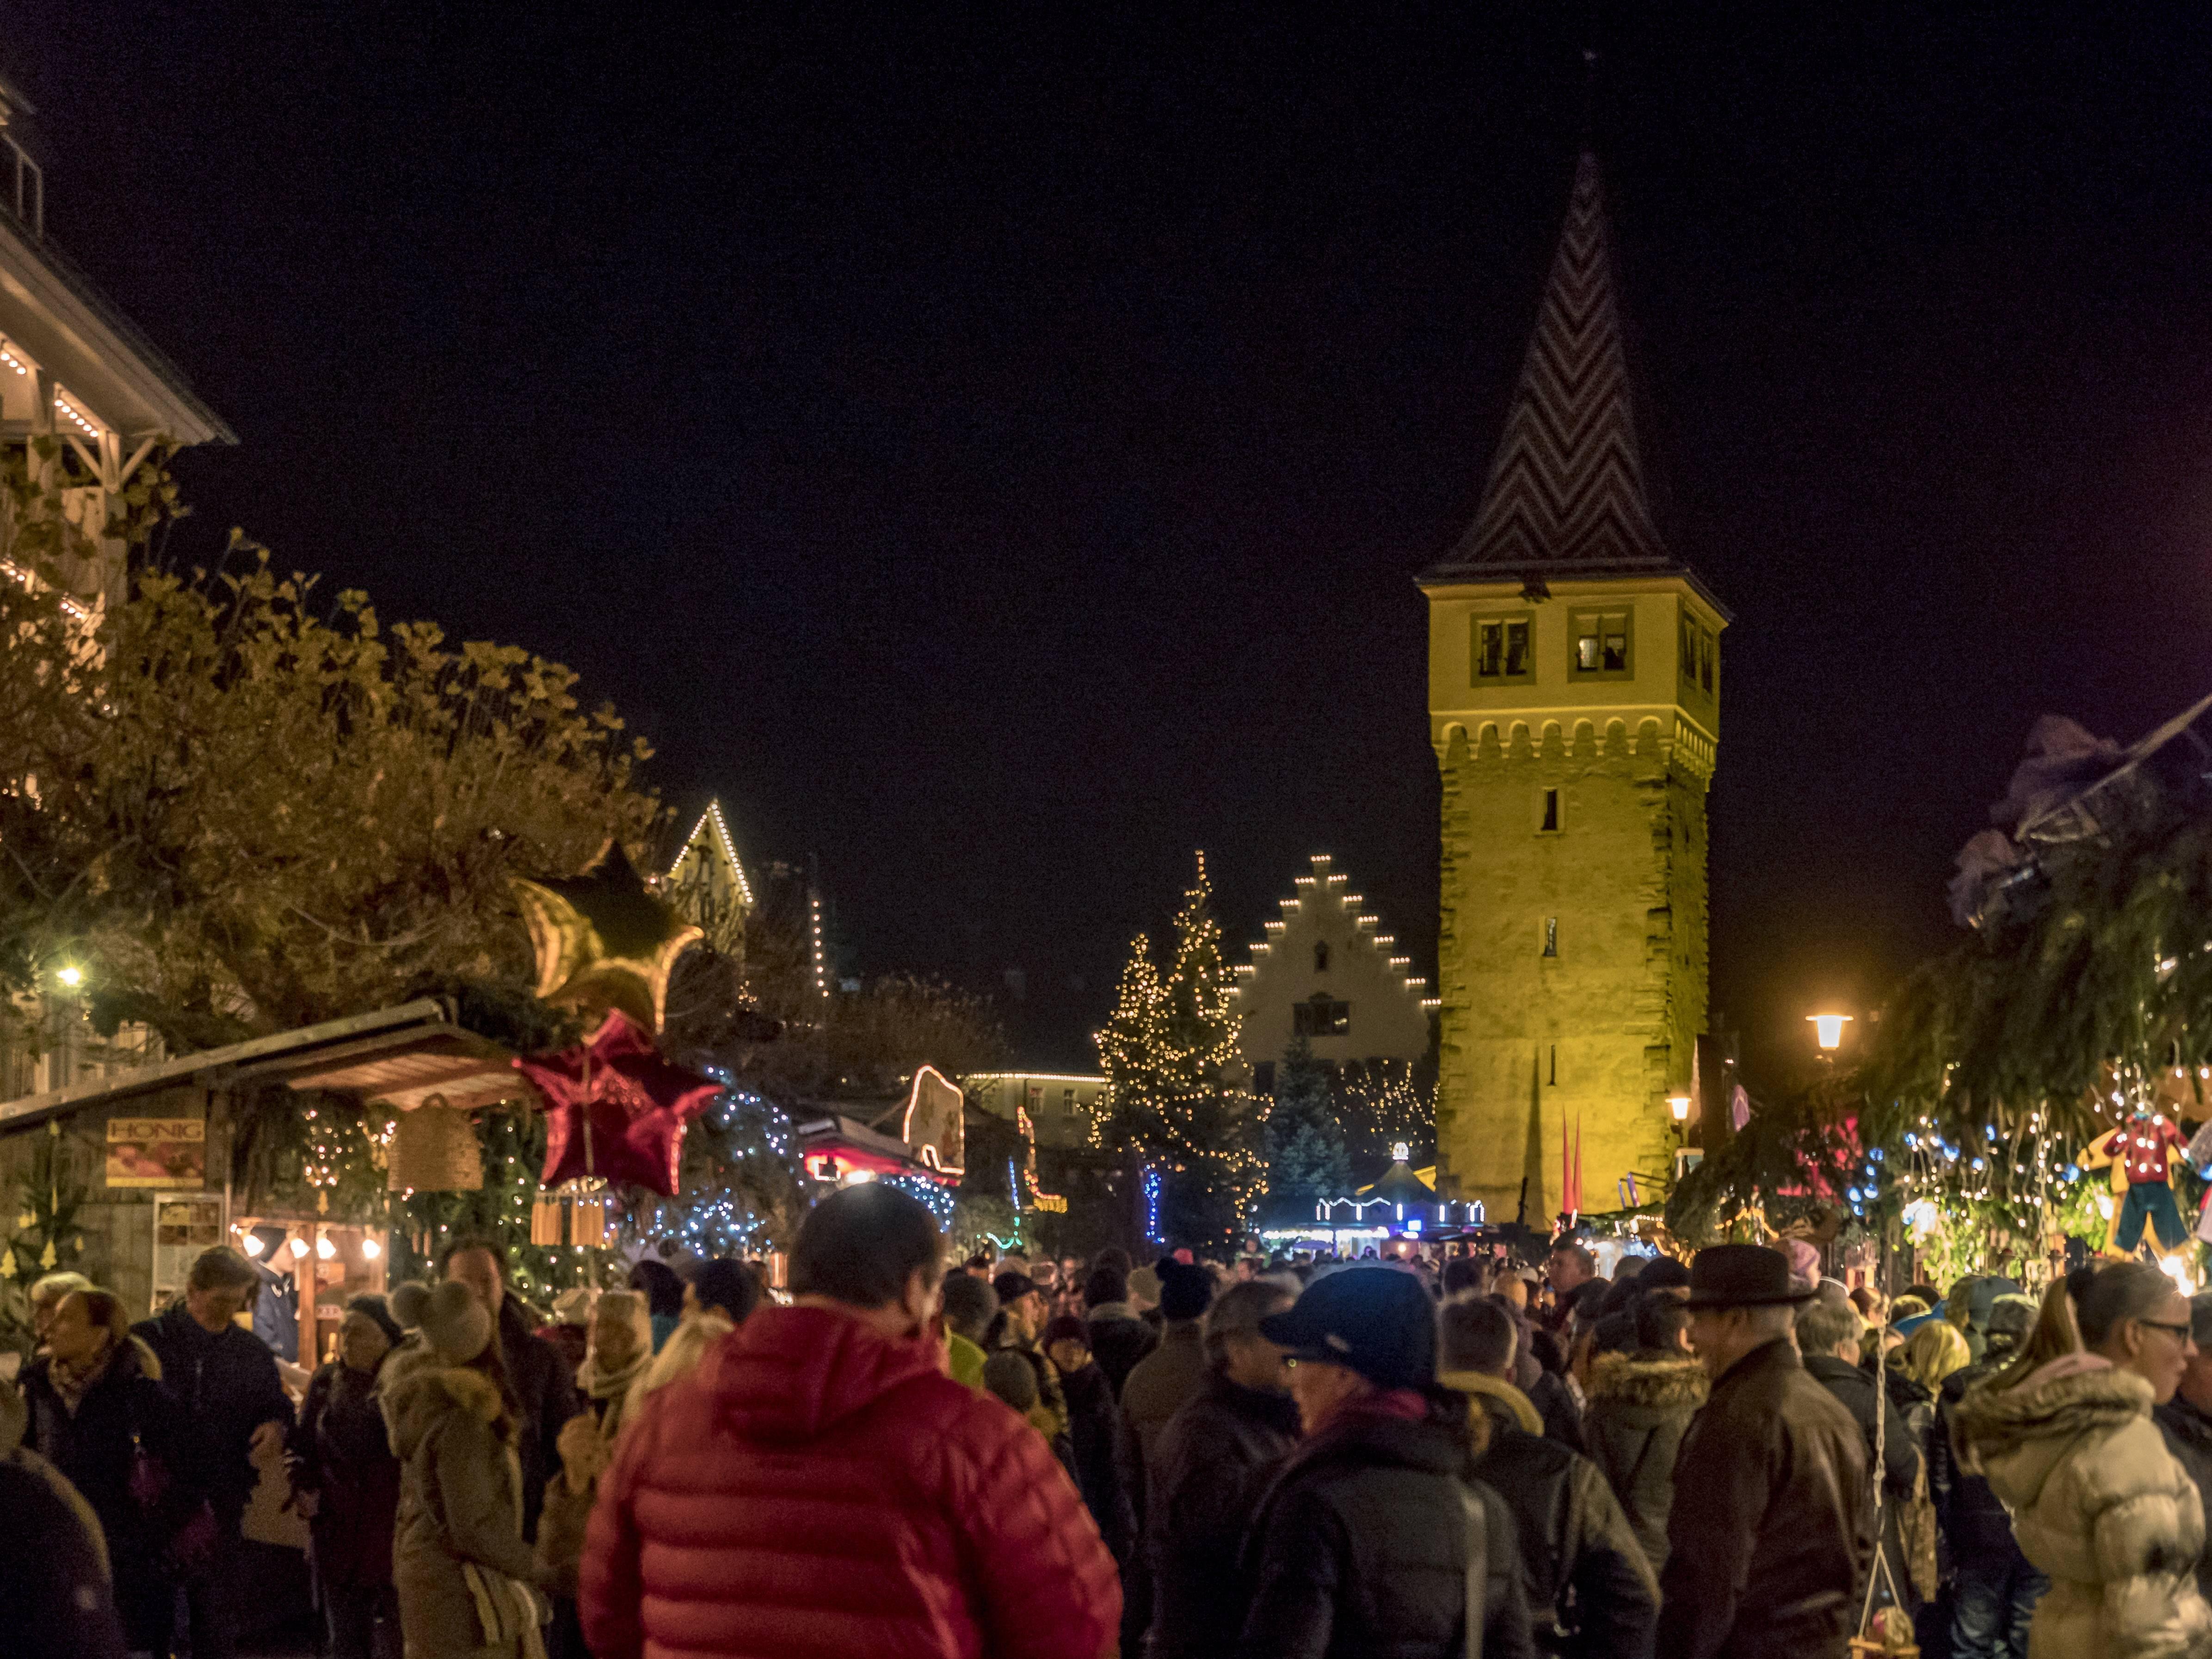 Lindau Weihnachtsmarkt.Weihnachtsmarkt In Lindau Am Bodensee Bayern Deutschland Christmas